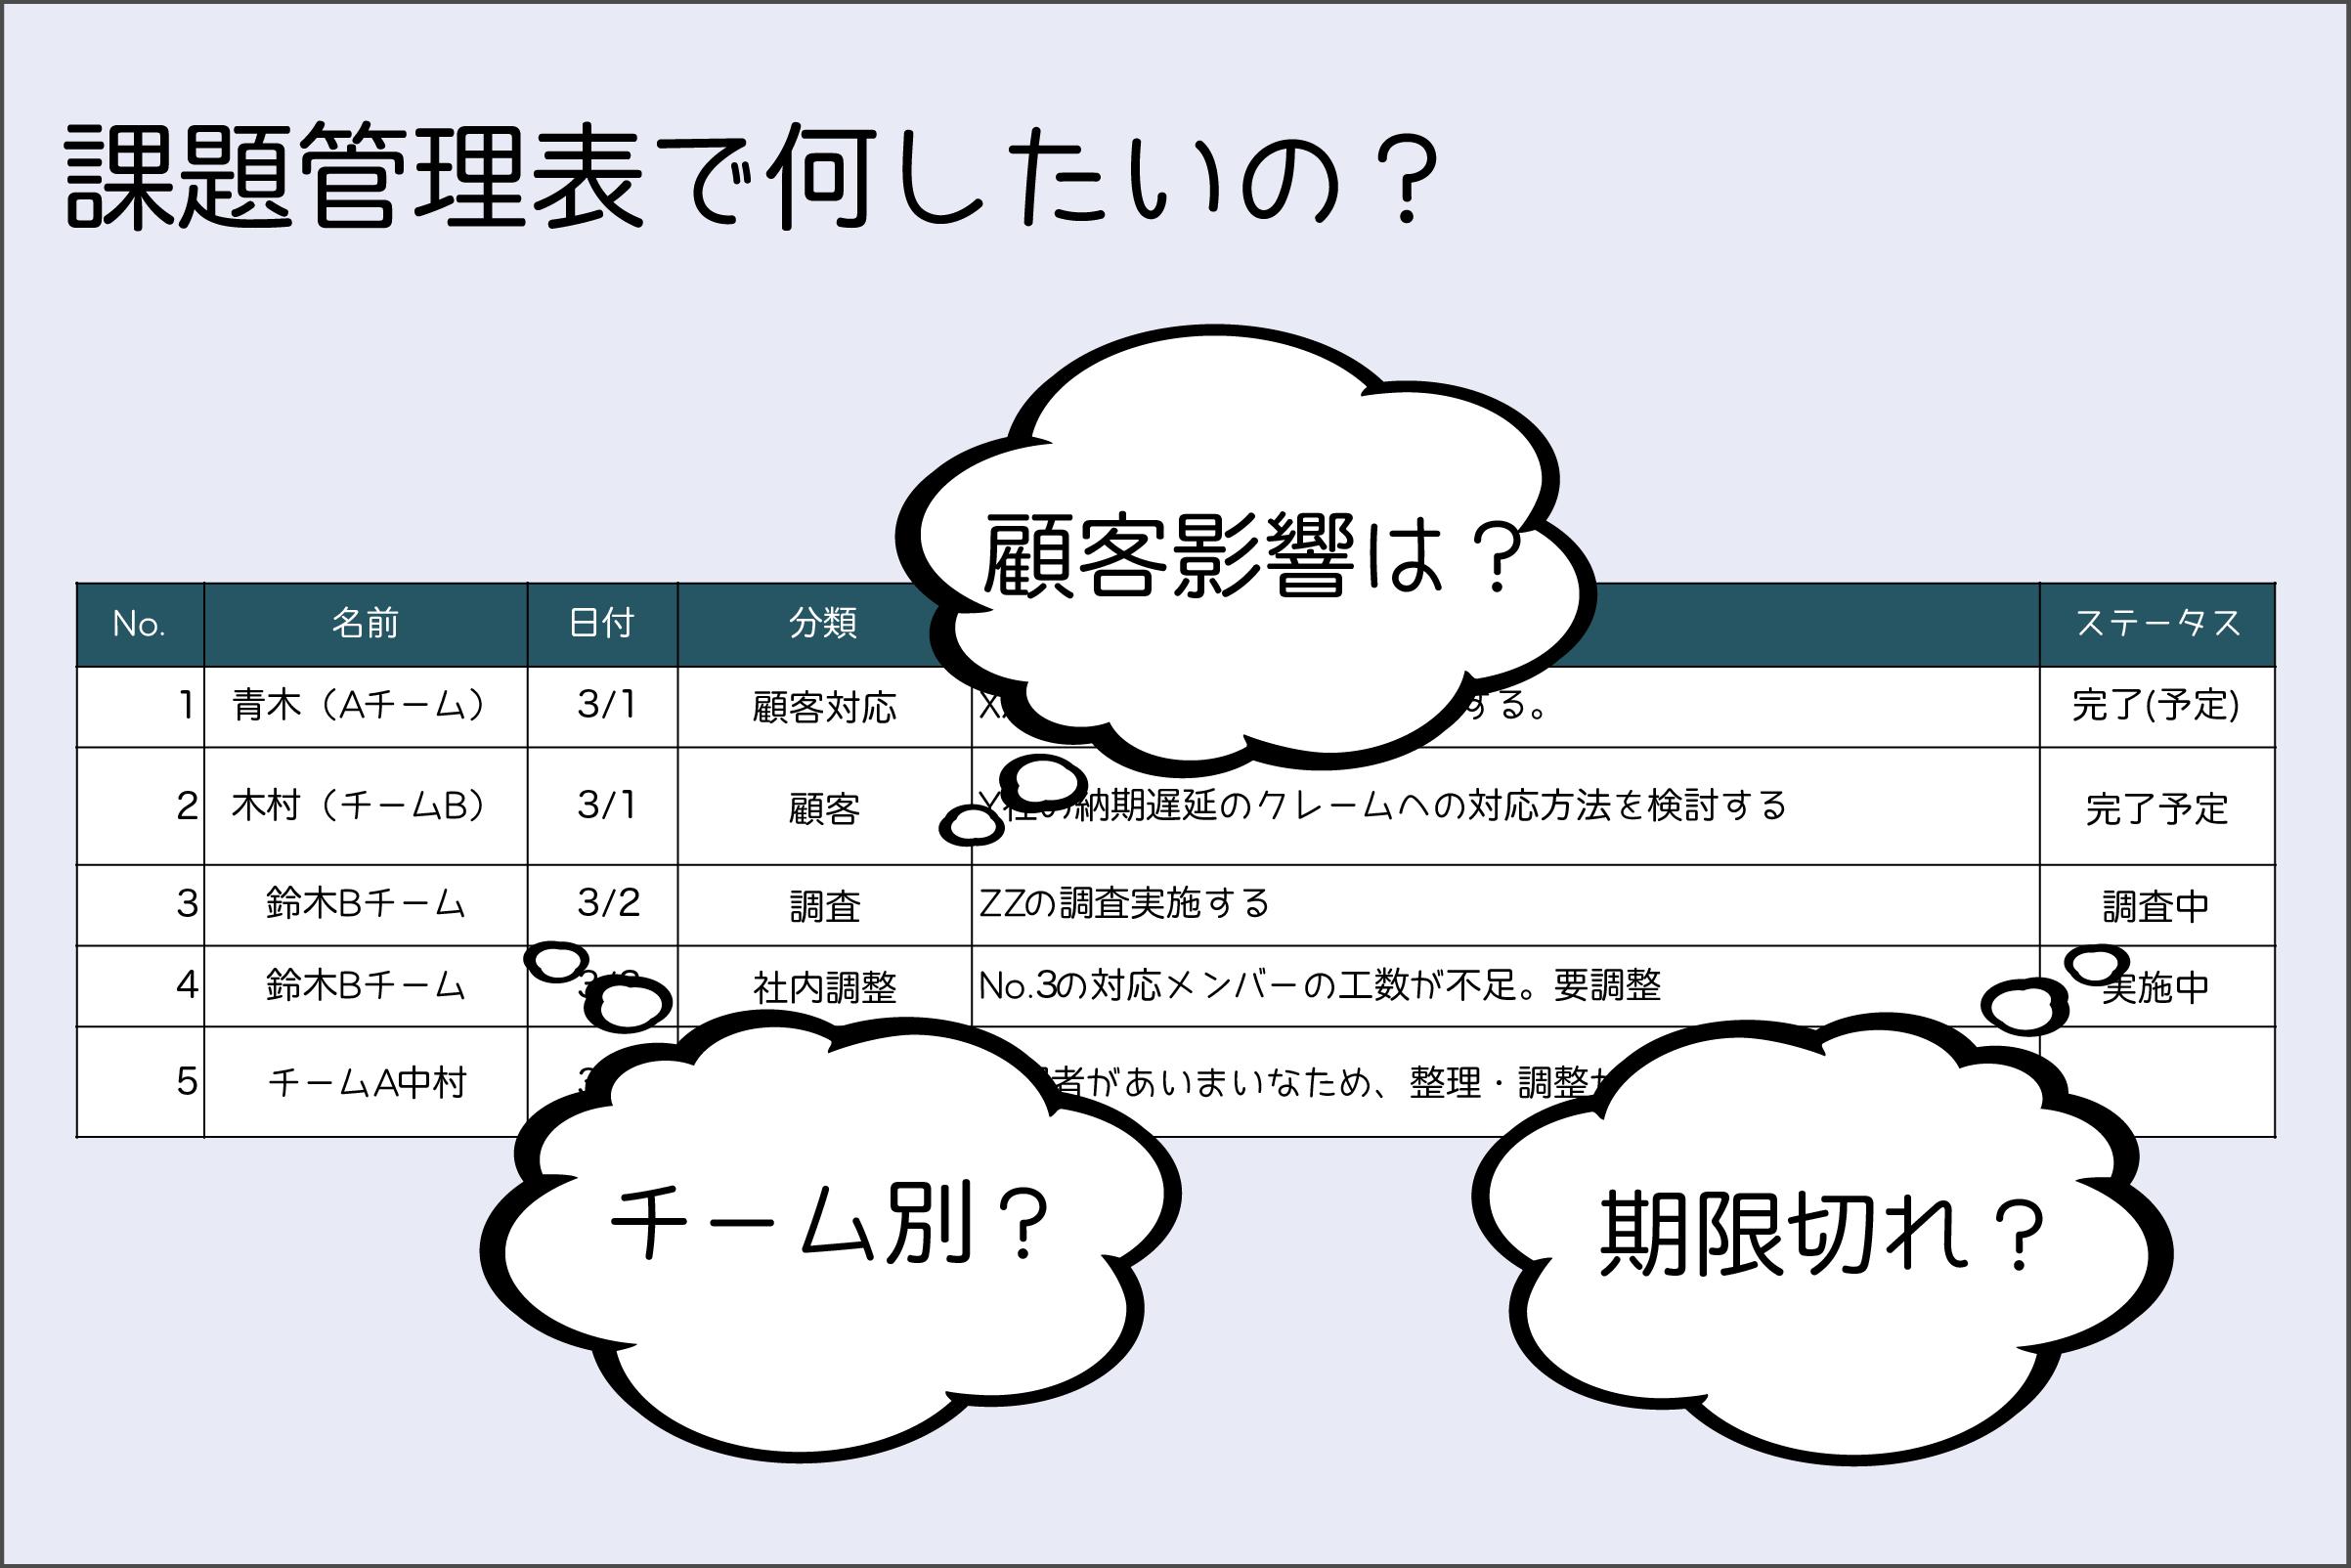 エクセル課題管理表で何を管理したいか?